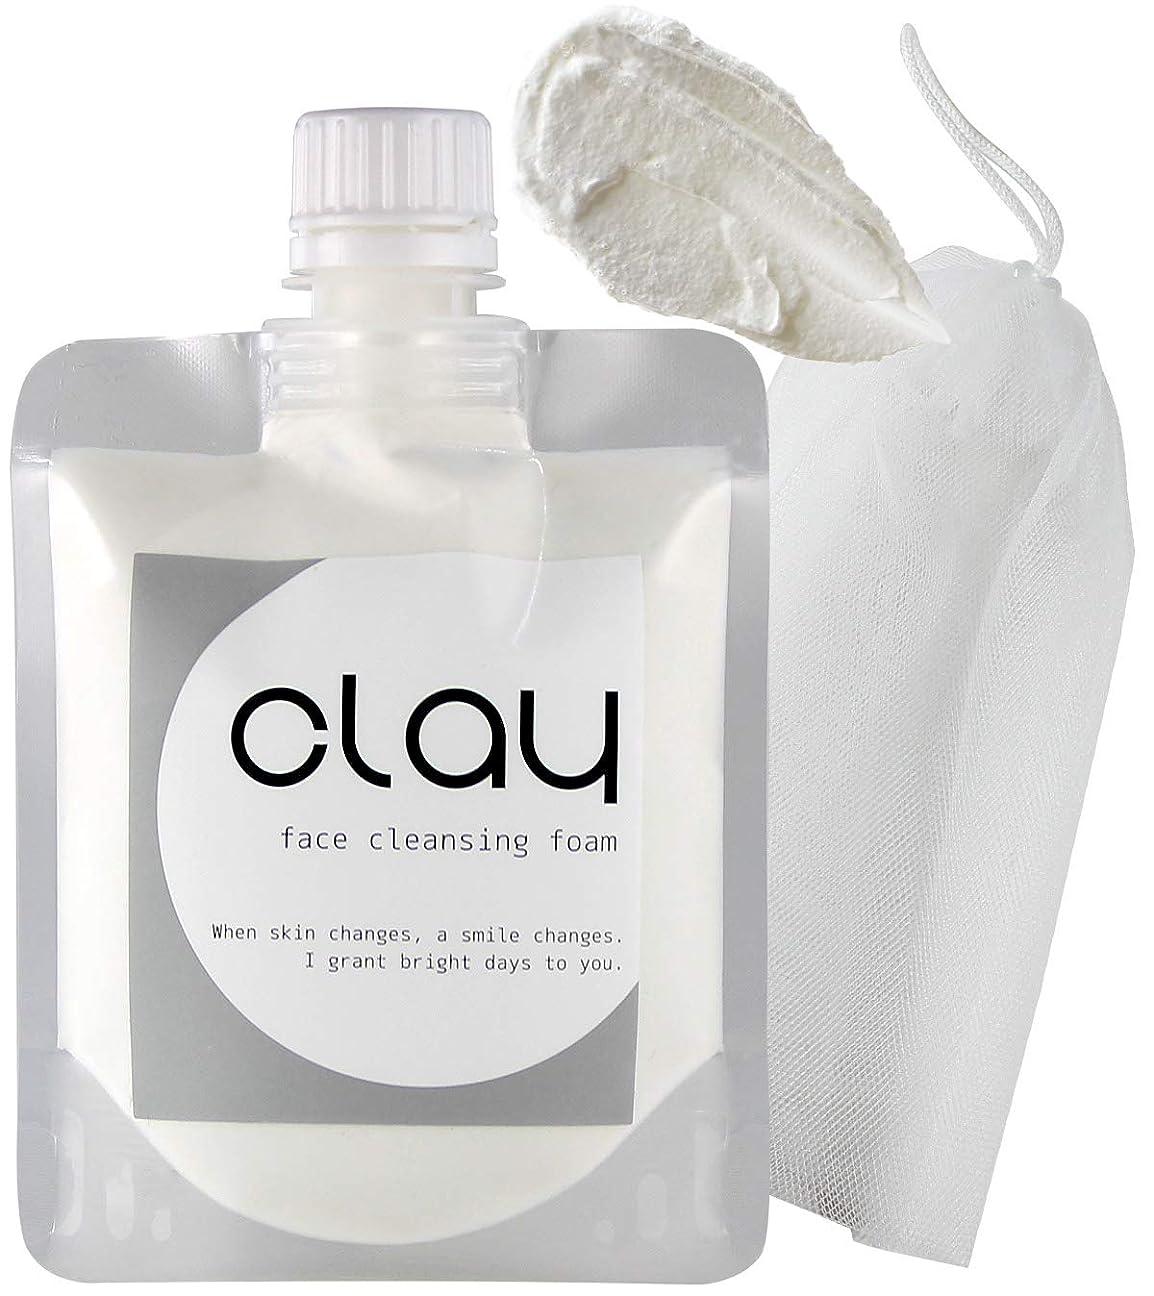 変形する時計畝間STAR'S クレイ 泥 洗顔 オーガニック 【 毛穴 黒ずみ 開き ザラ付き 用】「 泡 ネット 付き」 40種類の植物エキス 16種類の美容成分 9つの無添加 透明感 柔肌 130g (Clay)